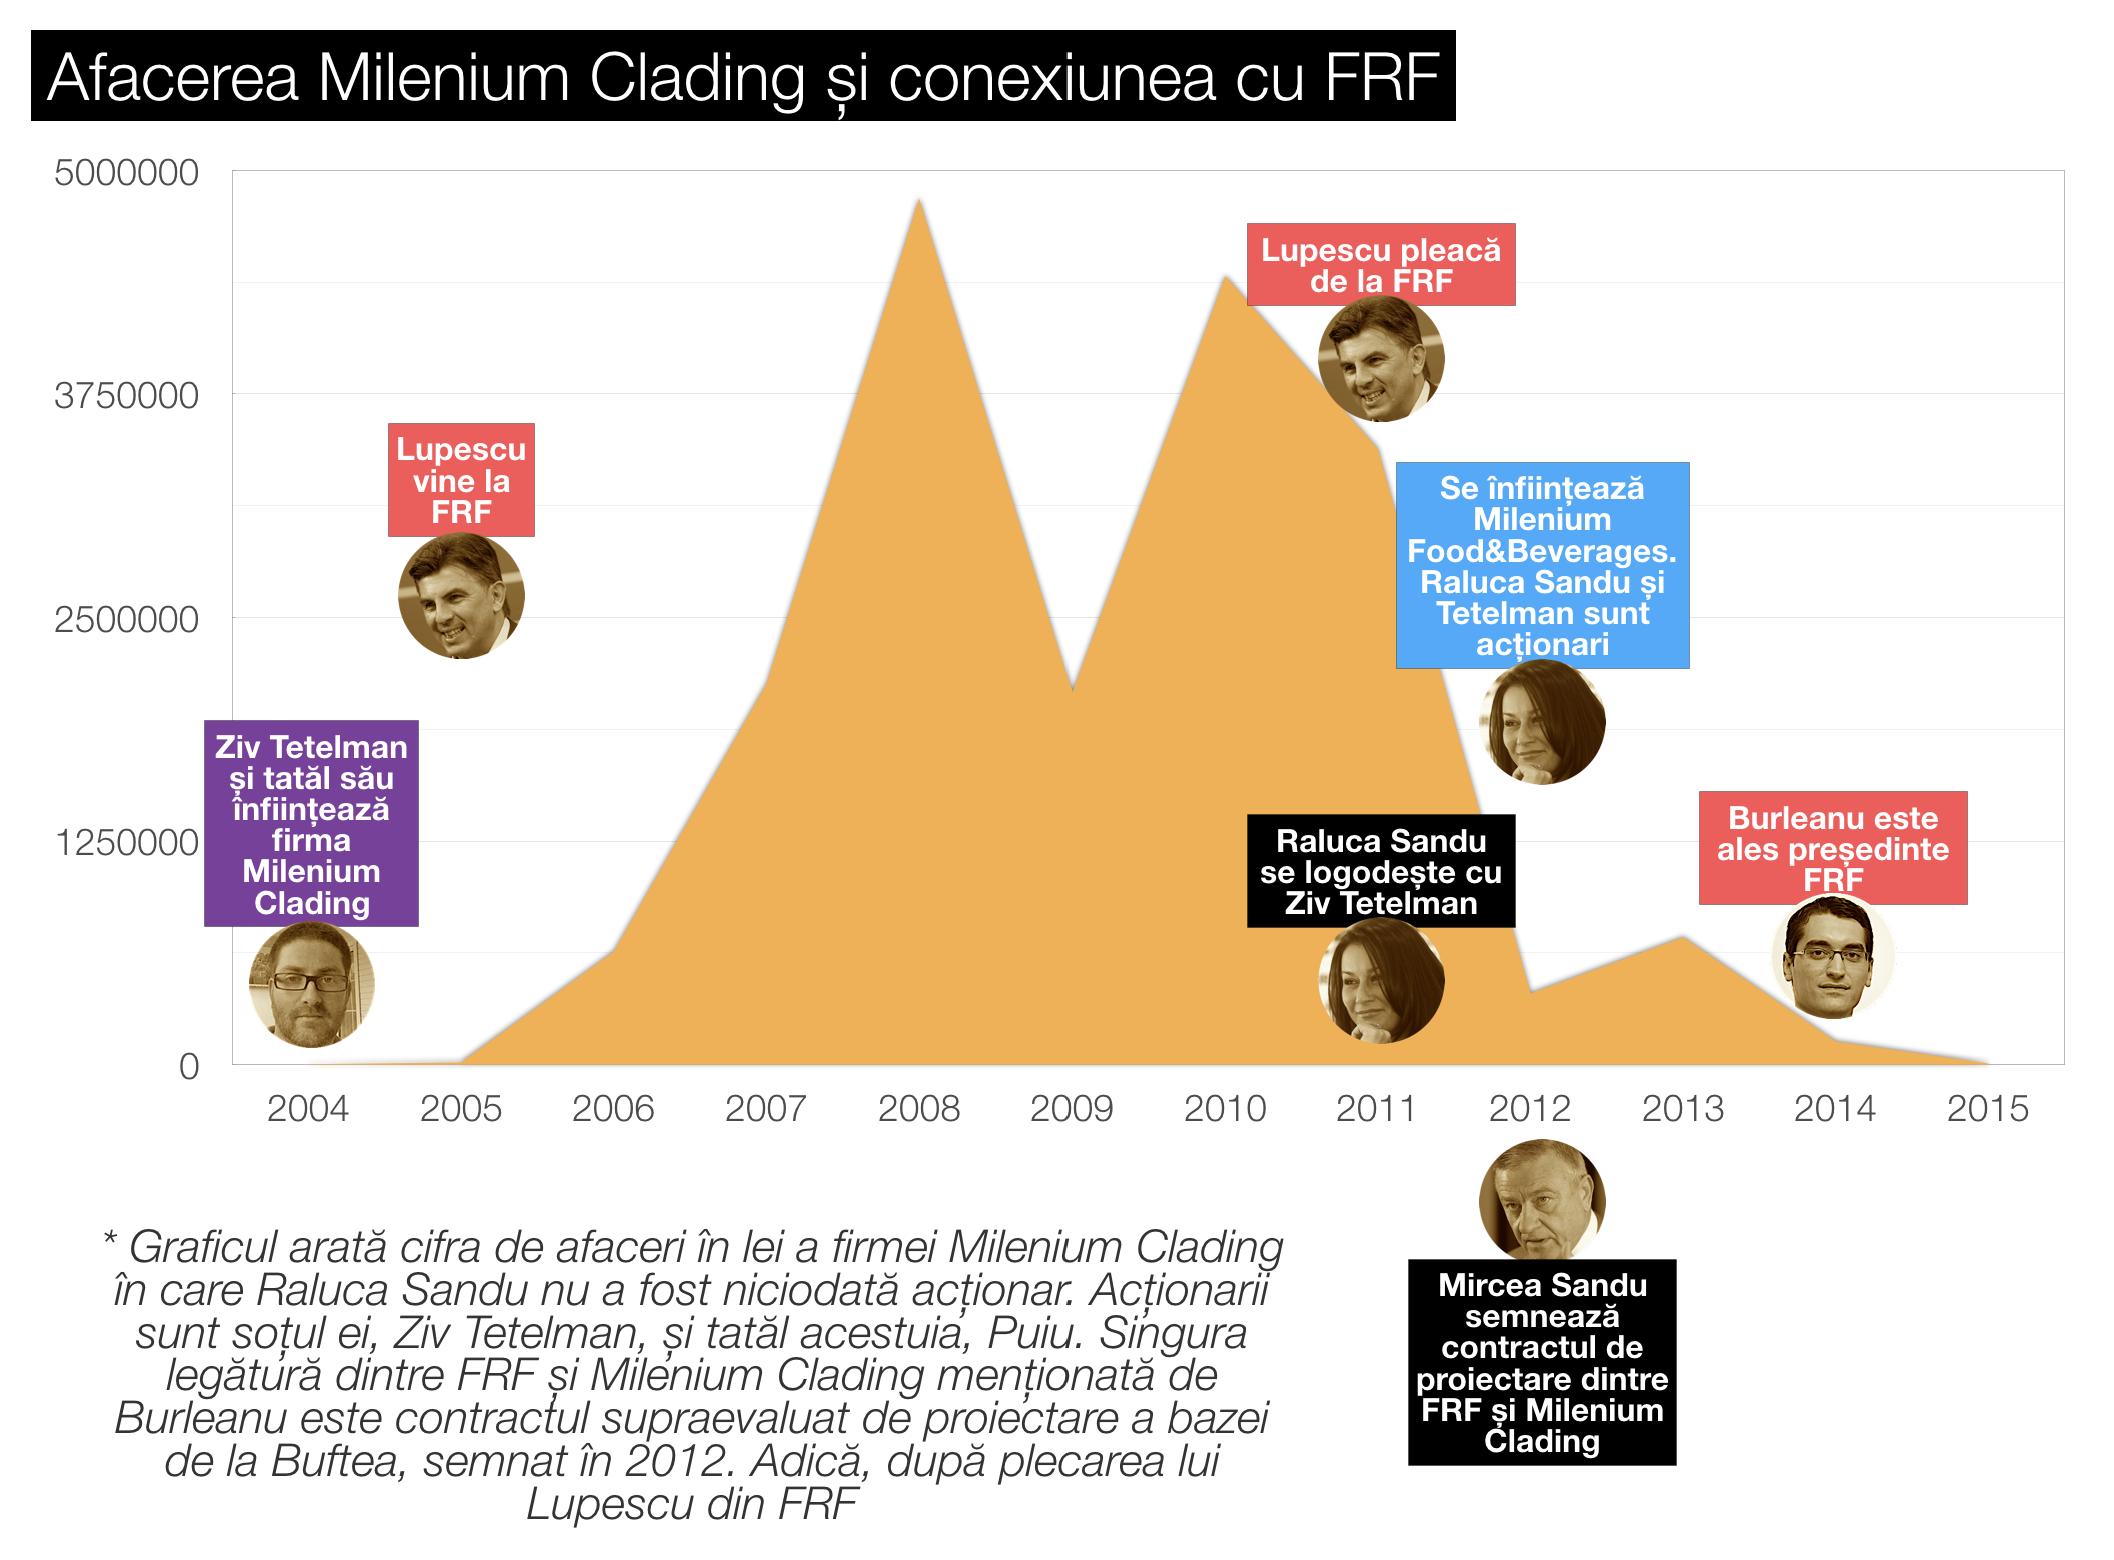 grafic milenium clading